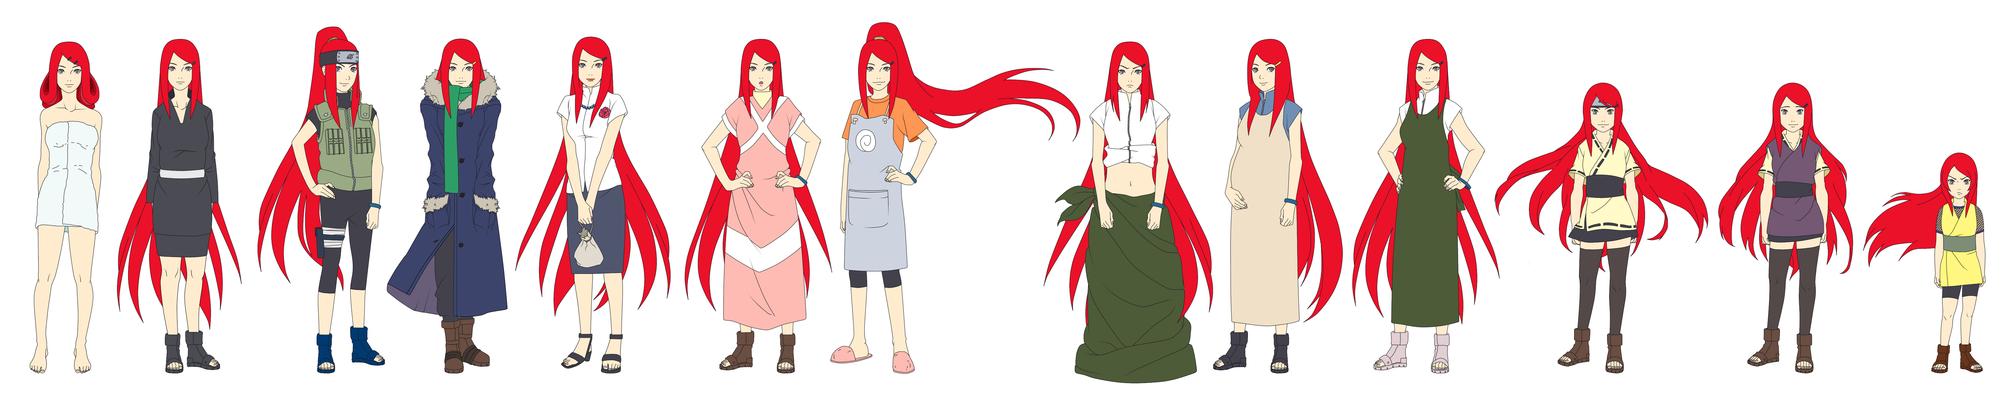 Kushina Uzumaki Outfit Color by SunakiSabakuno